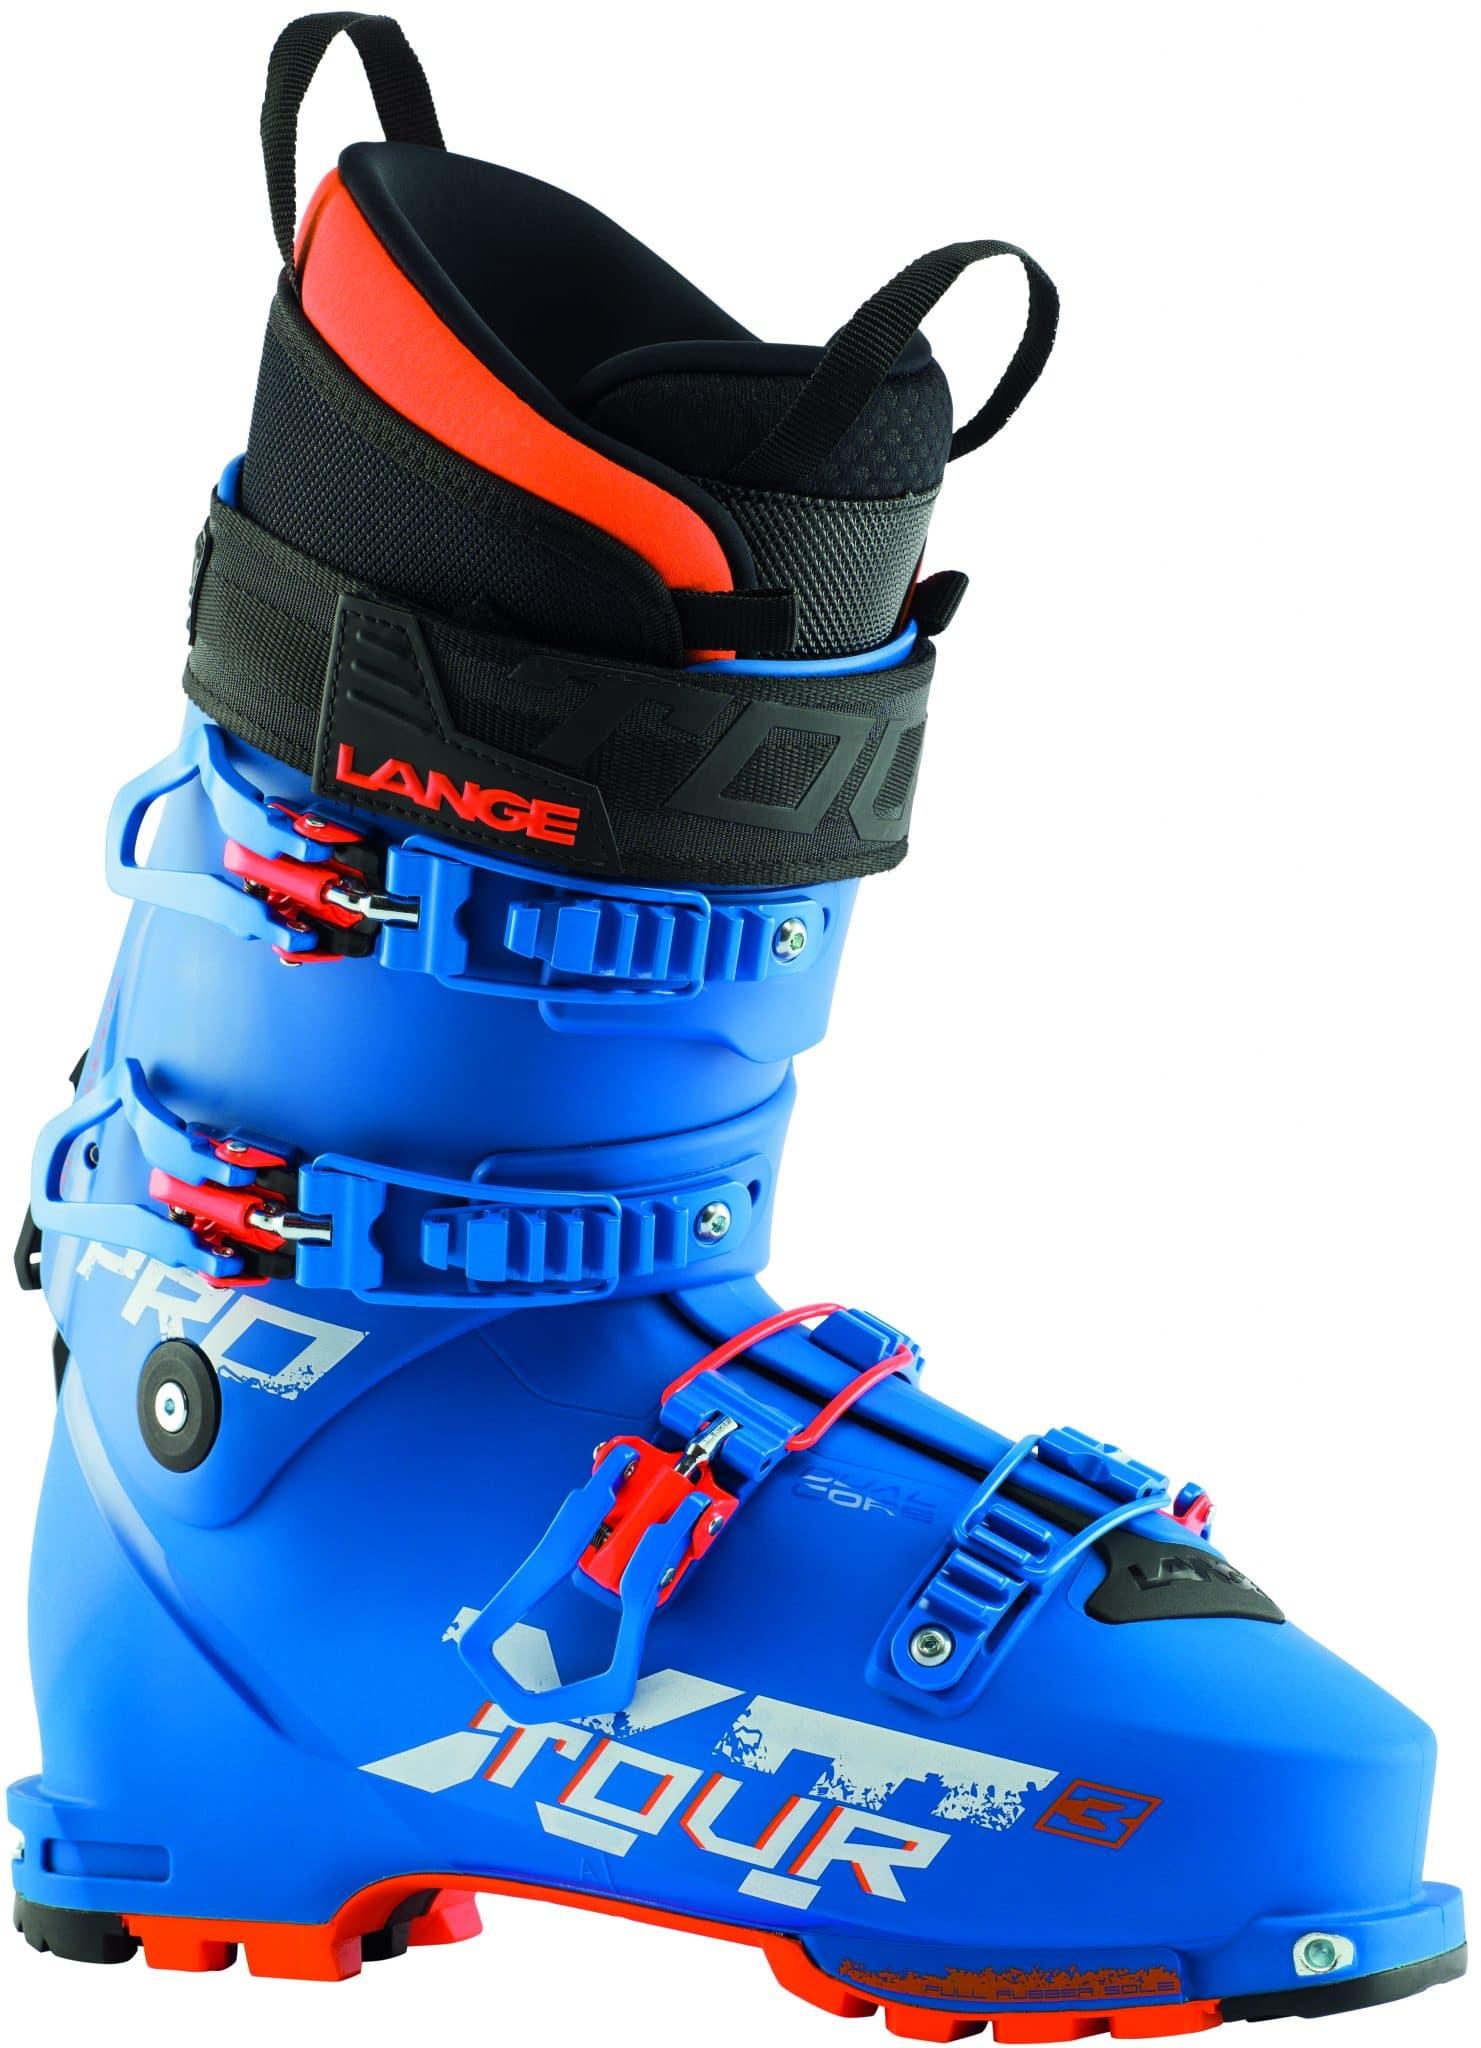 Chaussure de ski de randonnée LANGE XT3 Tour pro